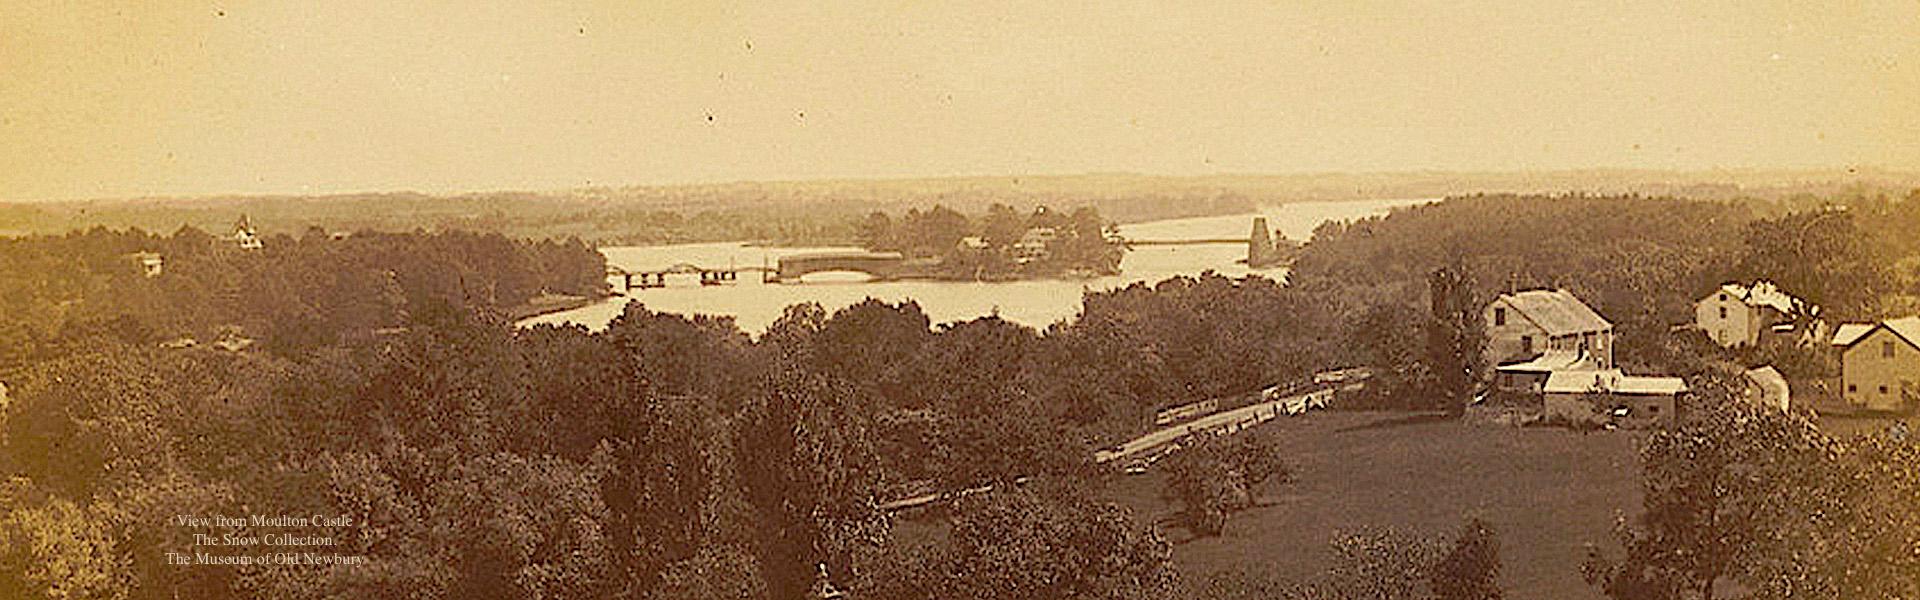 View from Moulton Castle Newburyport MA